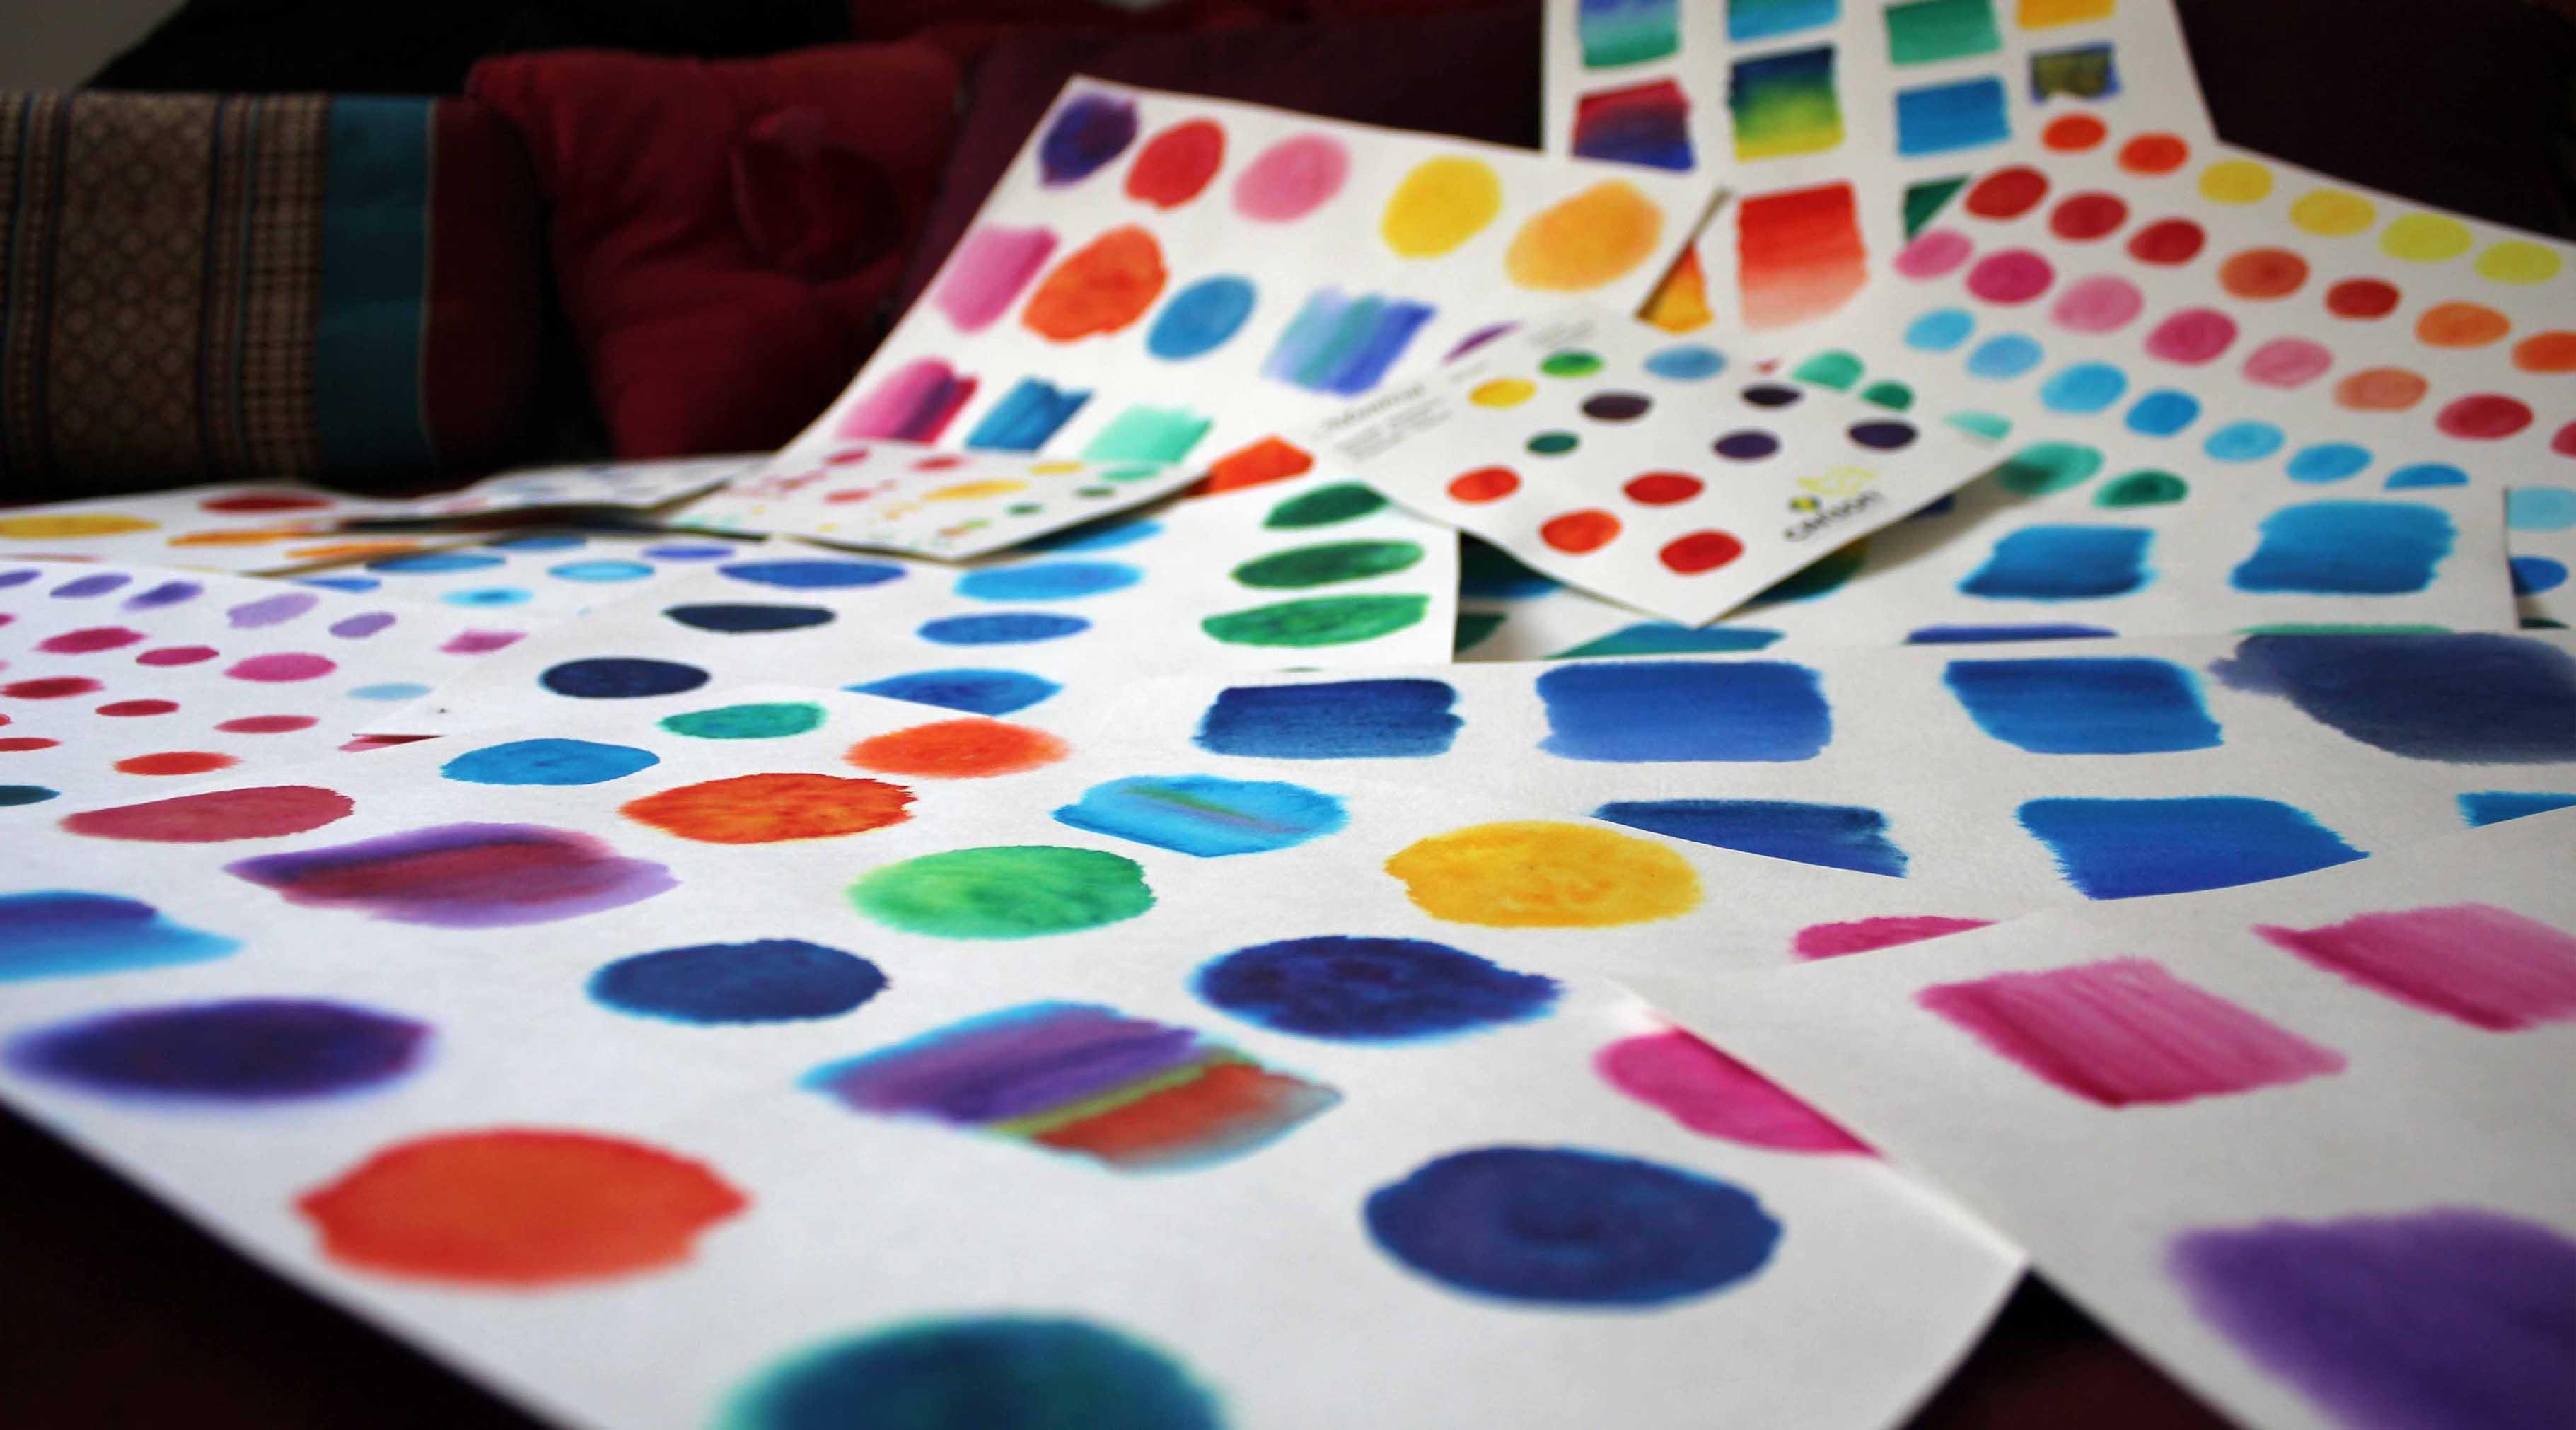 aquarelles artisanales mémos d'amour aux couleurs des chakras. Mots positifs sur des objets du quotidien pour les faire rayonner dans nos vies : Amour Paix Joie gratitude Harmonie Fraternité